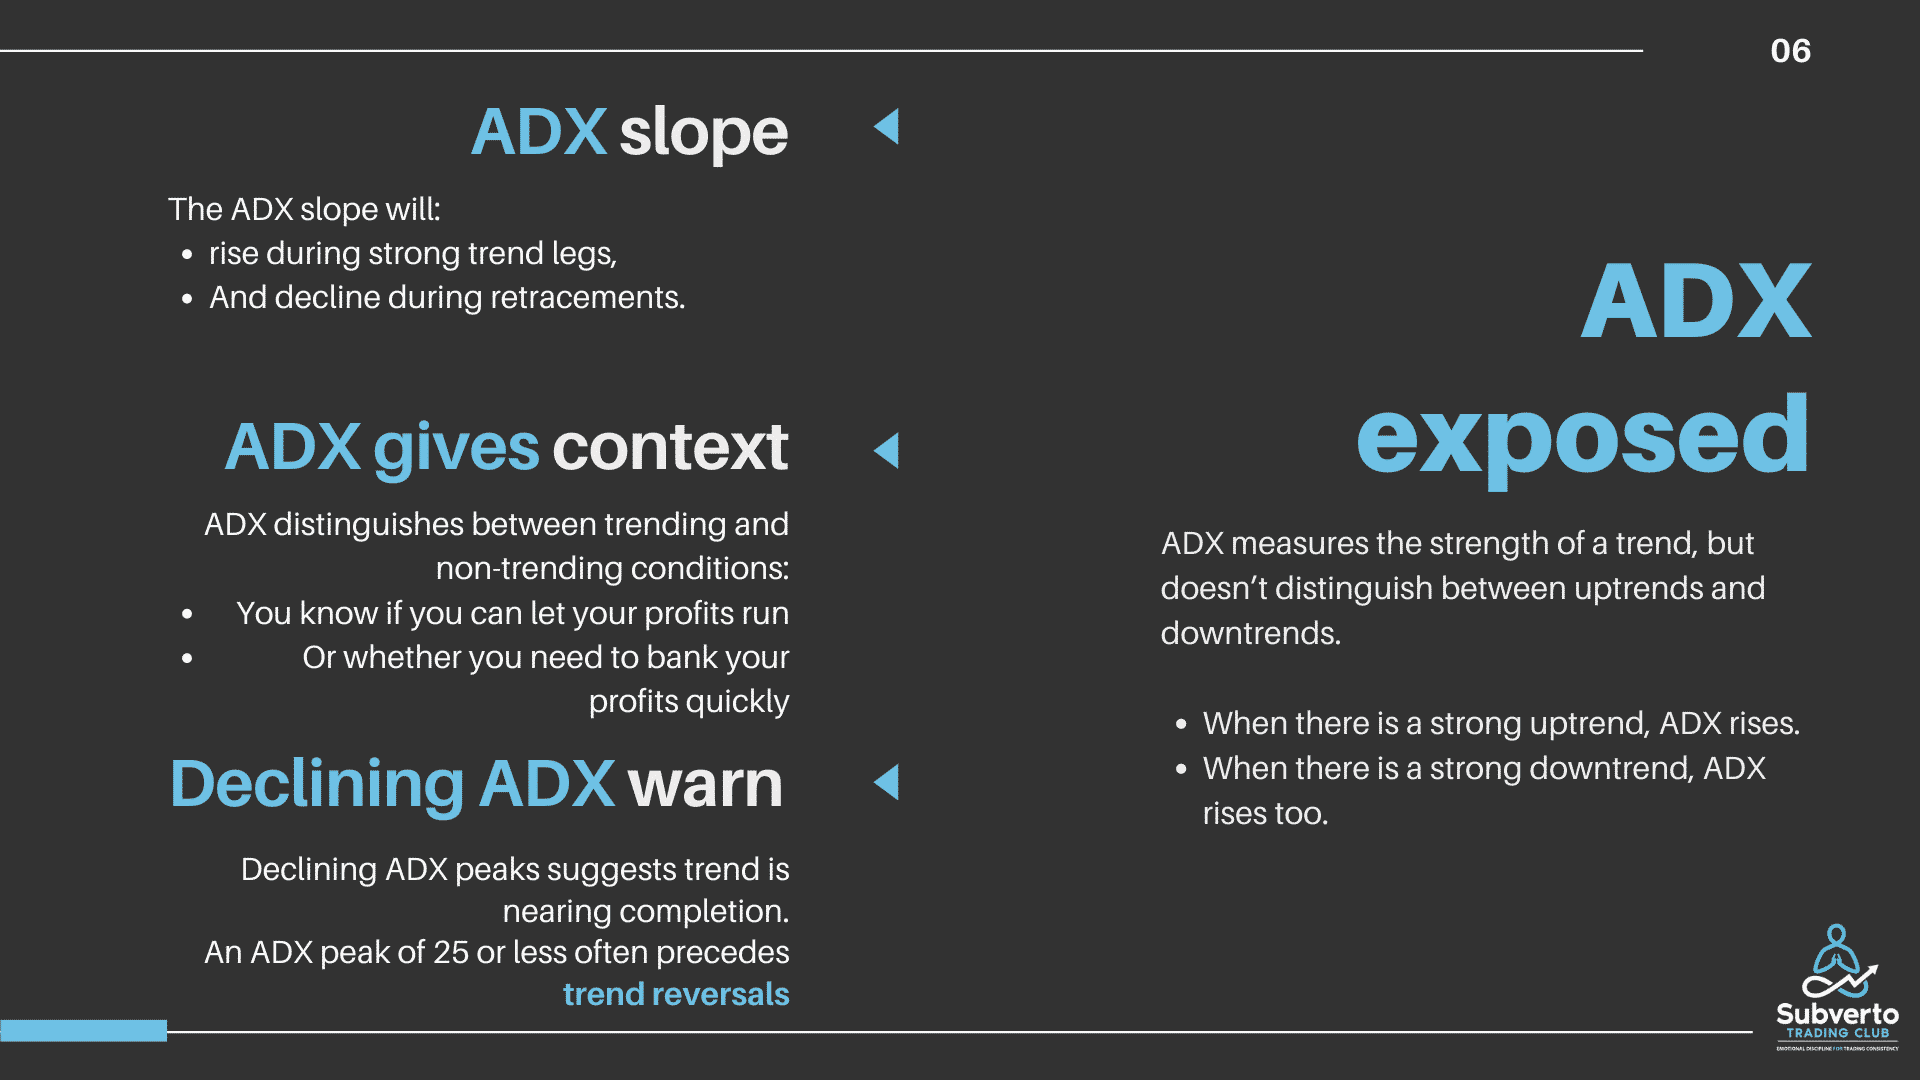 ADX explained